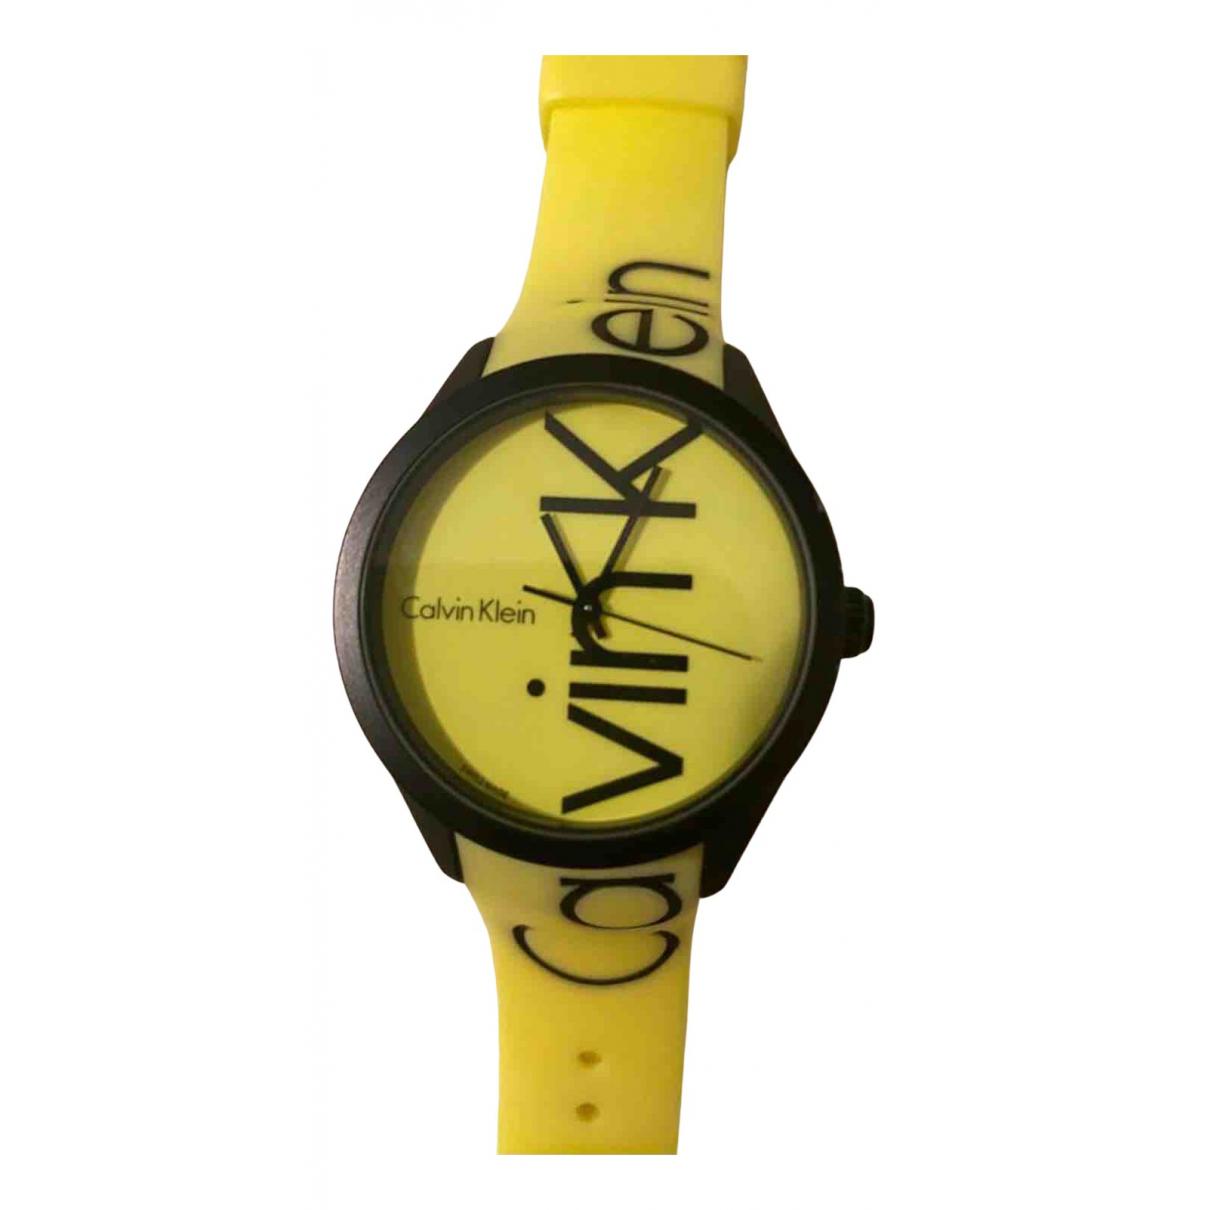 Calvin Klein - Montre   pour homme en autre - jaune